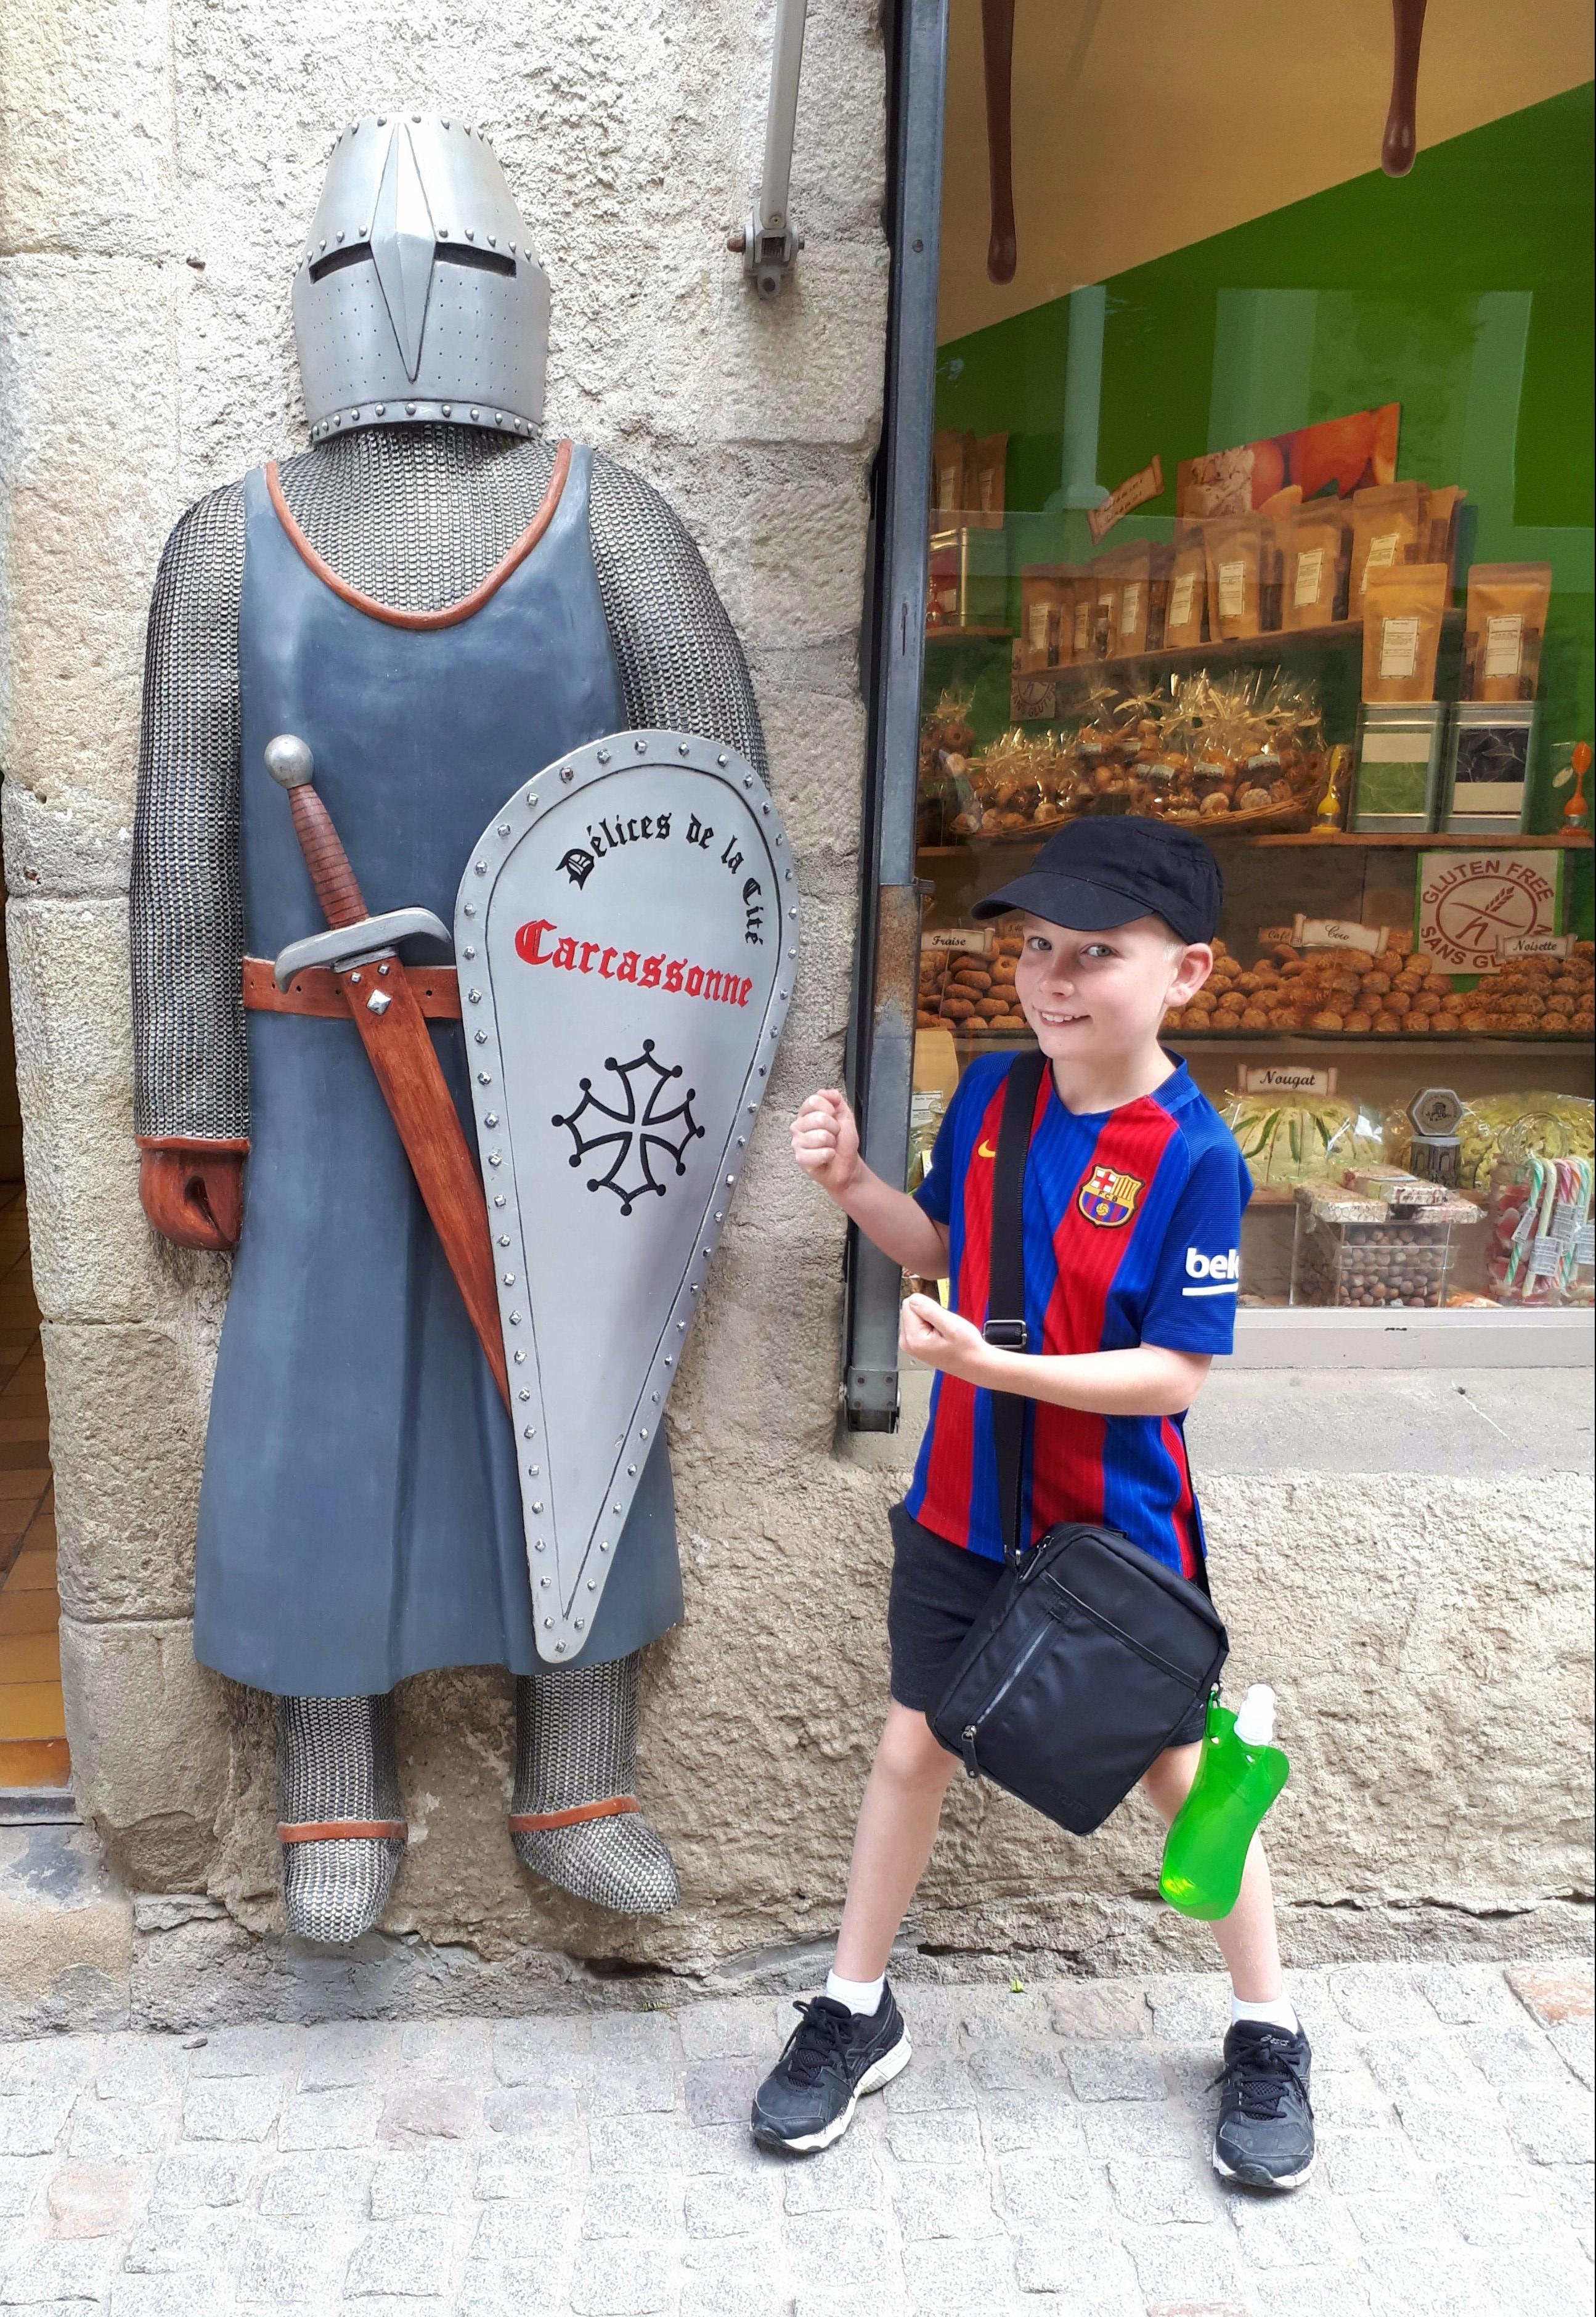 Shop - Carcassonne